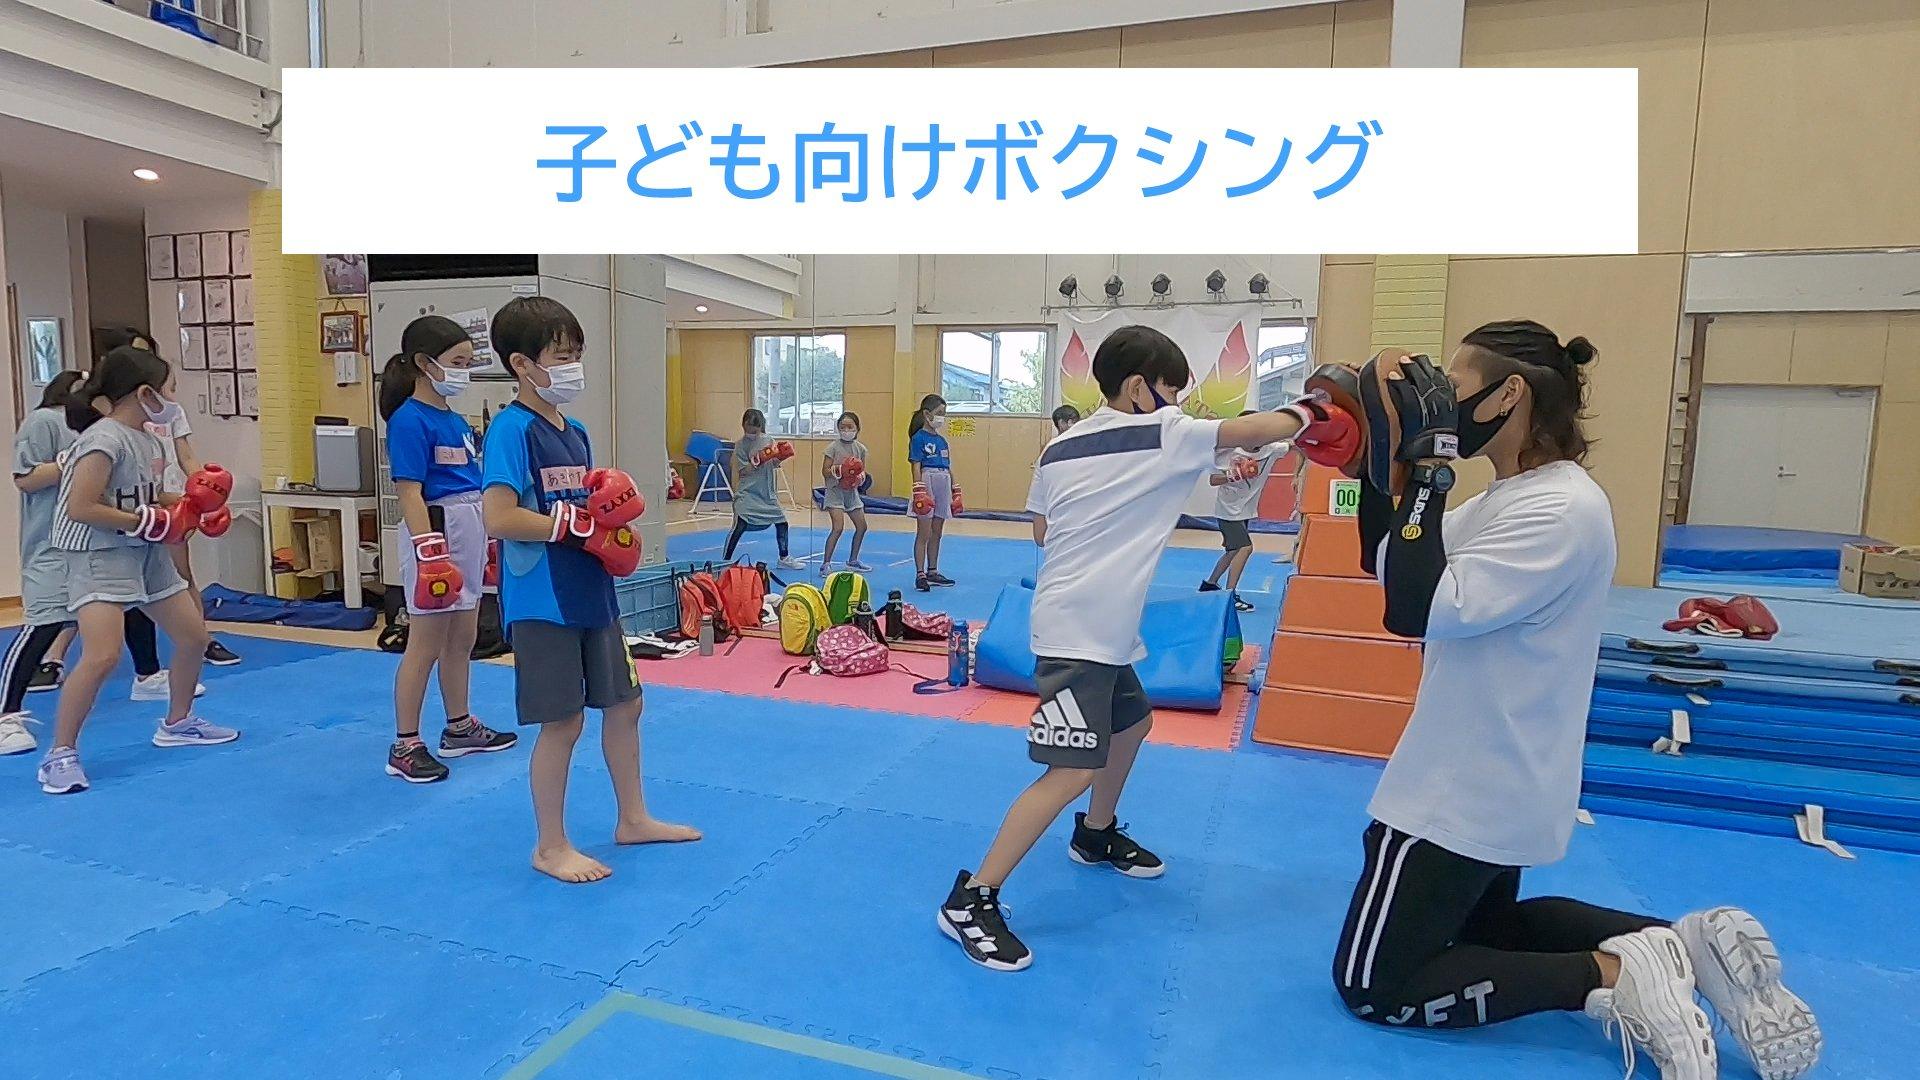 9/23 子ども向けボクシングのイメージその1